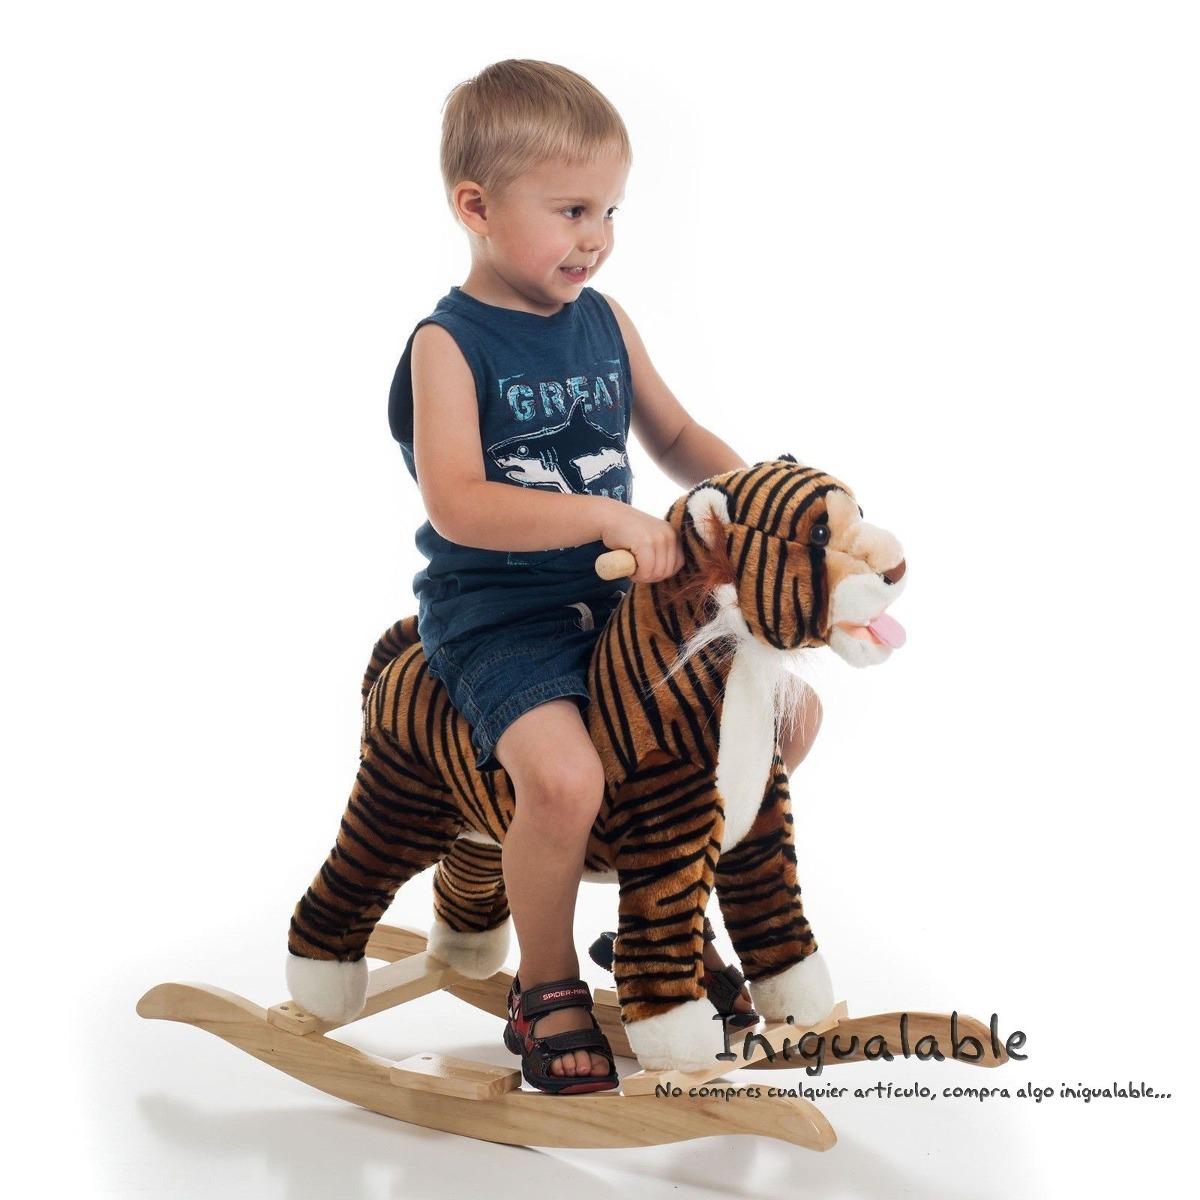 Mecedora para ni os de tigre 2 en mercadolibre - Mecedora para ninos ...